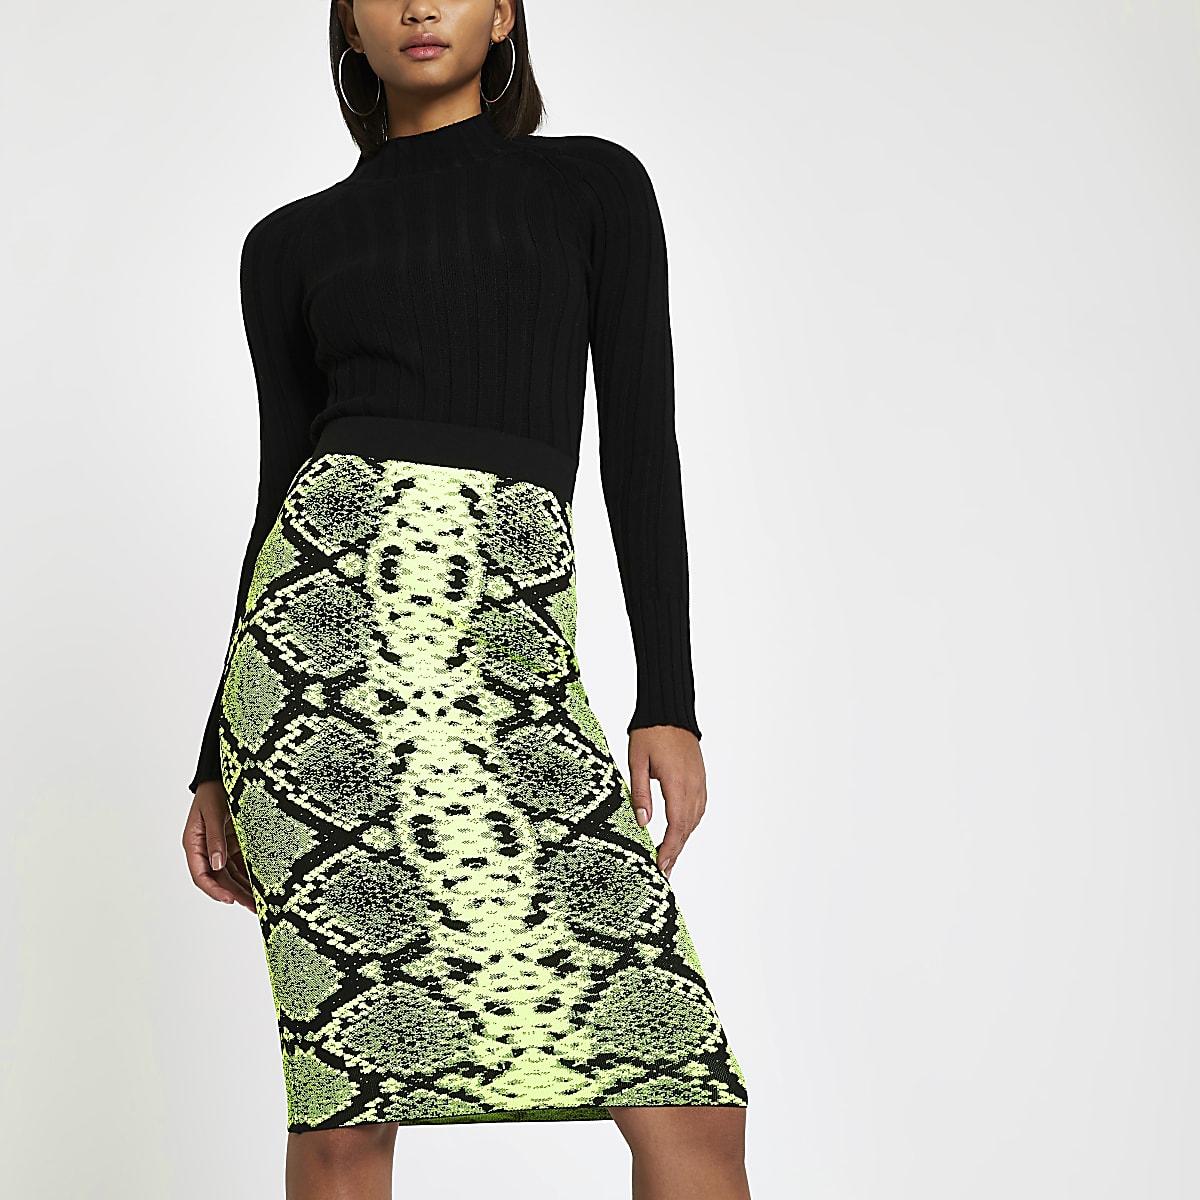 Neon green snake print midi skirt